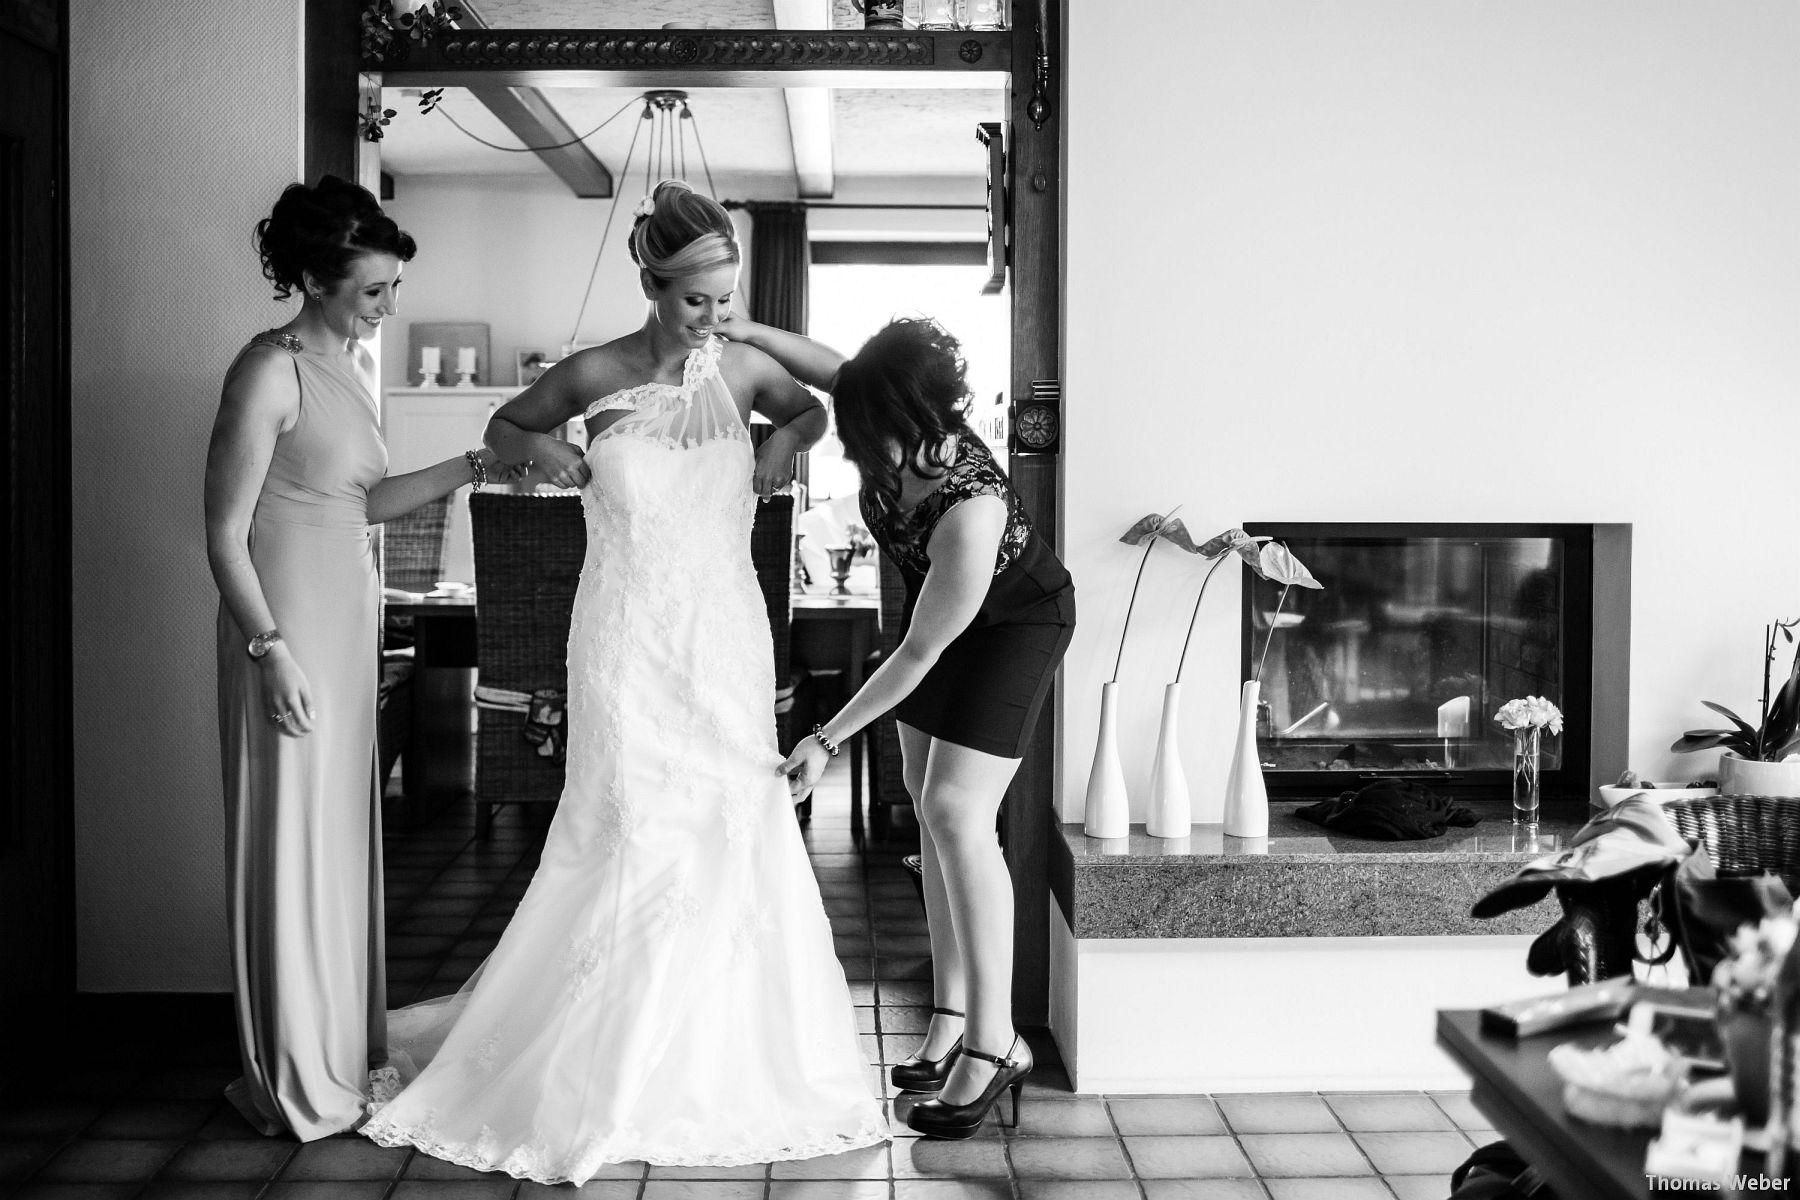 Hochzeitsfotograf Thomas Weber aus Oldenburg (9)